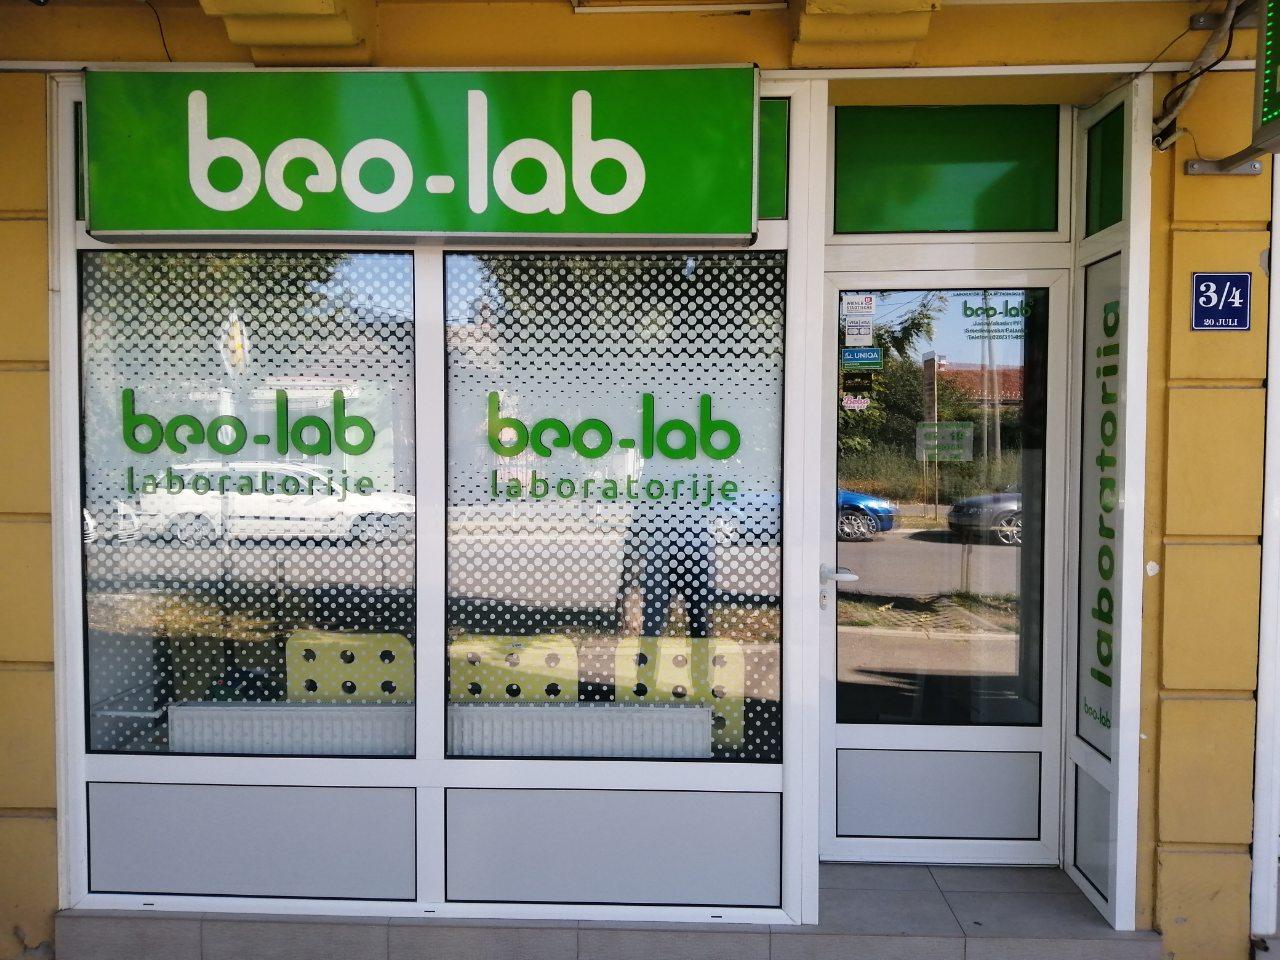 Beo-lab laboratorija Smederevska Palanka, 20.Juli 4